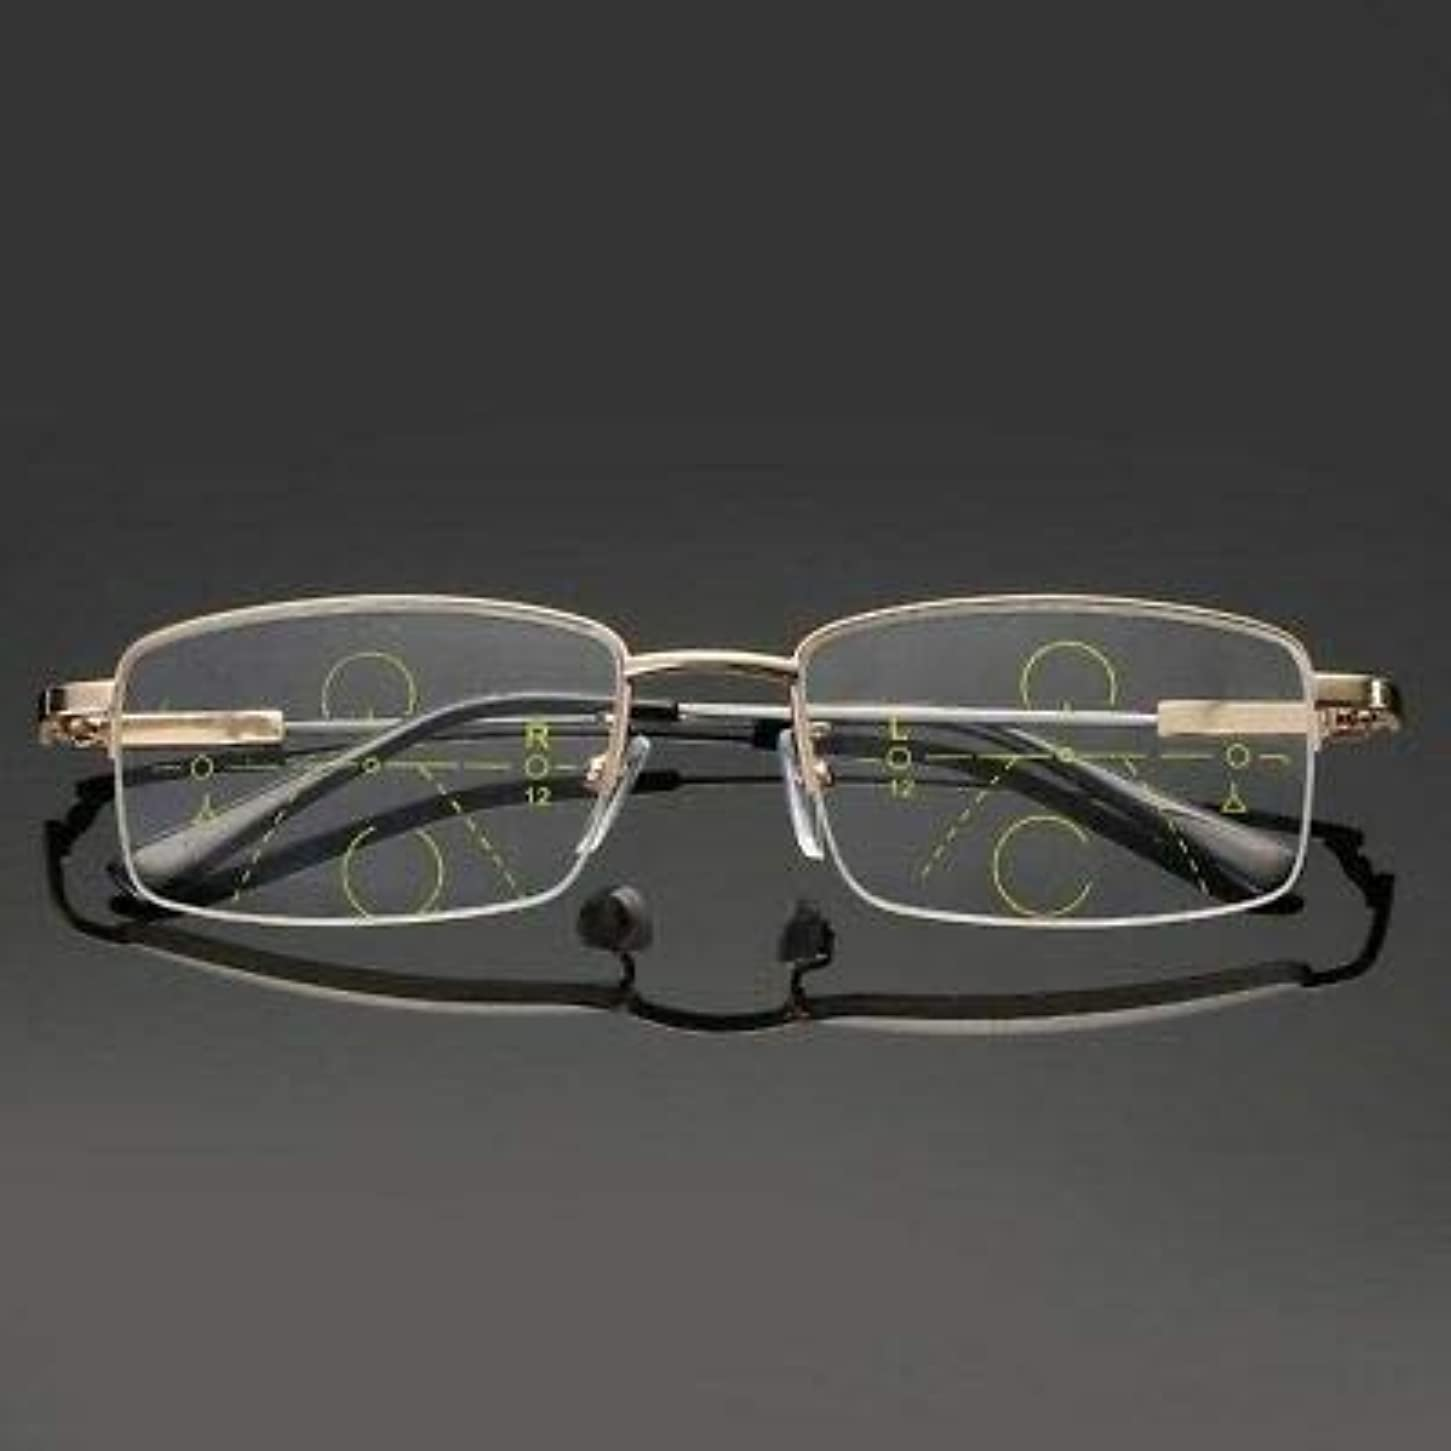 FidgetGear 合金累進多焦点レンズ老眼抗疲労スクエア老眼鏡 ゴールド